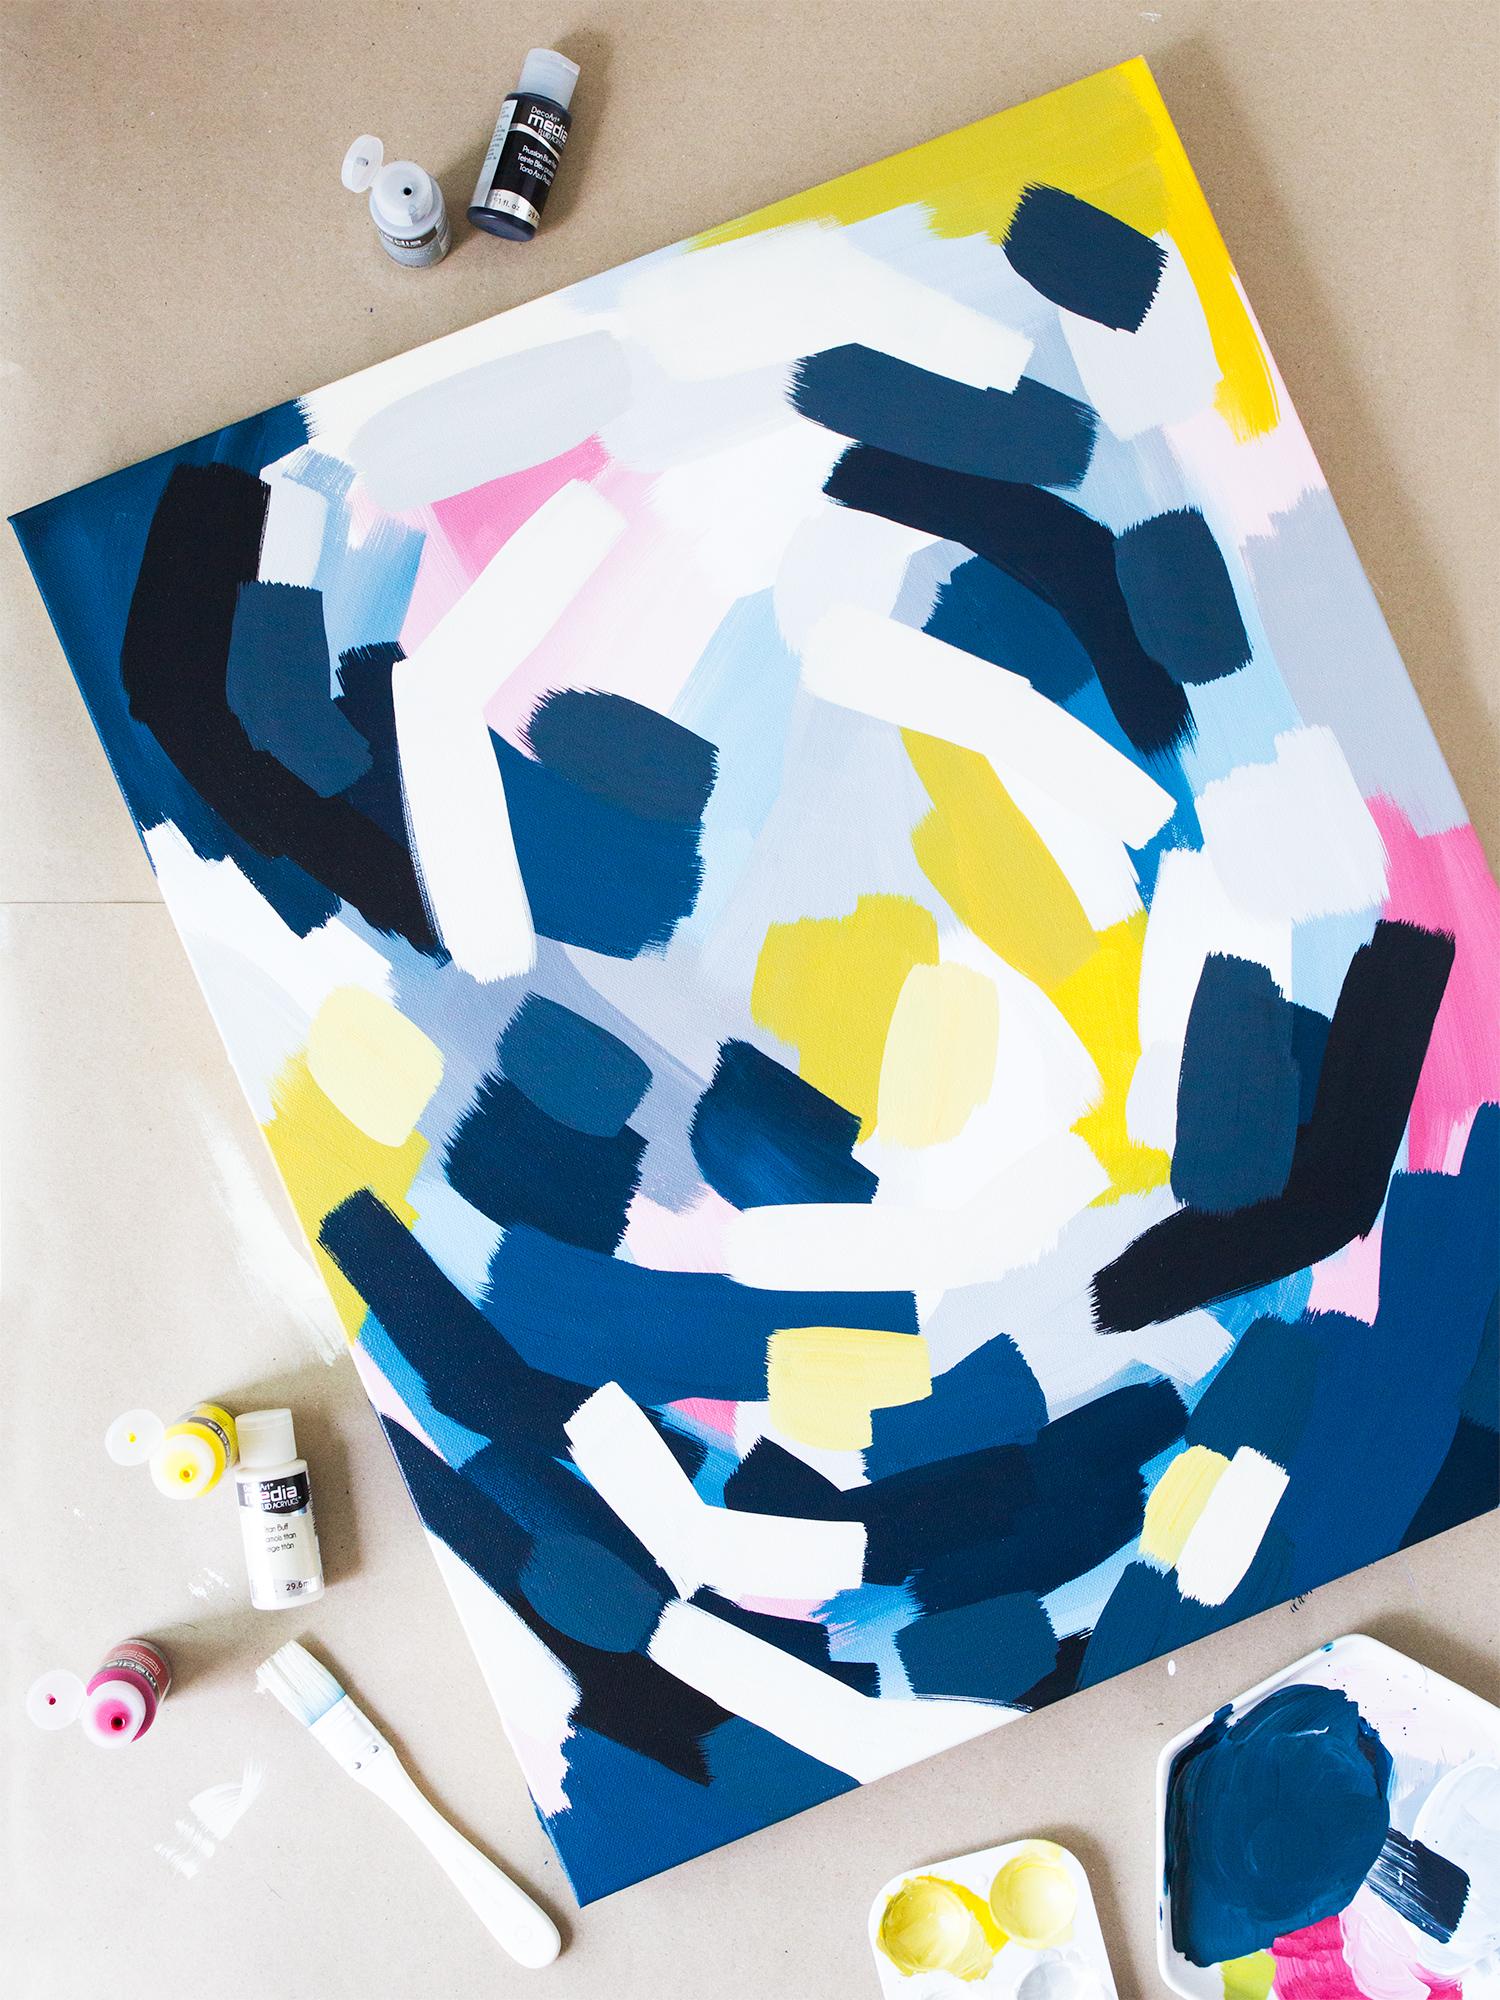 DIY Layered Abstract Wall Art - Sarah Hearts